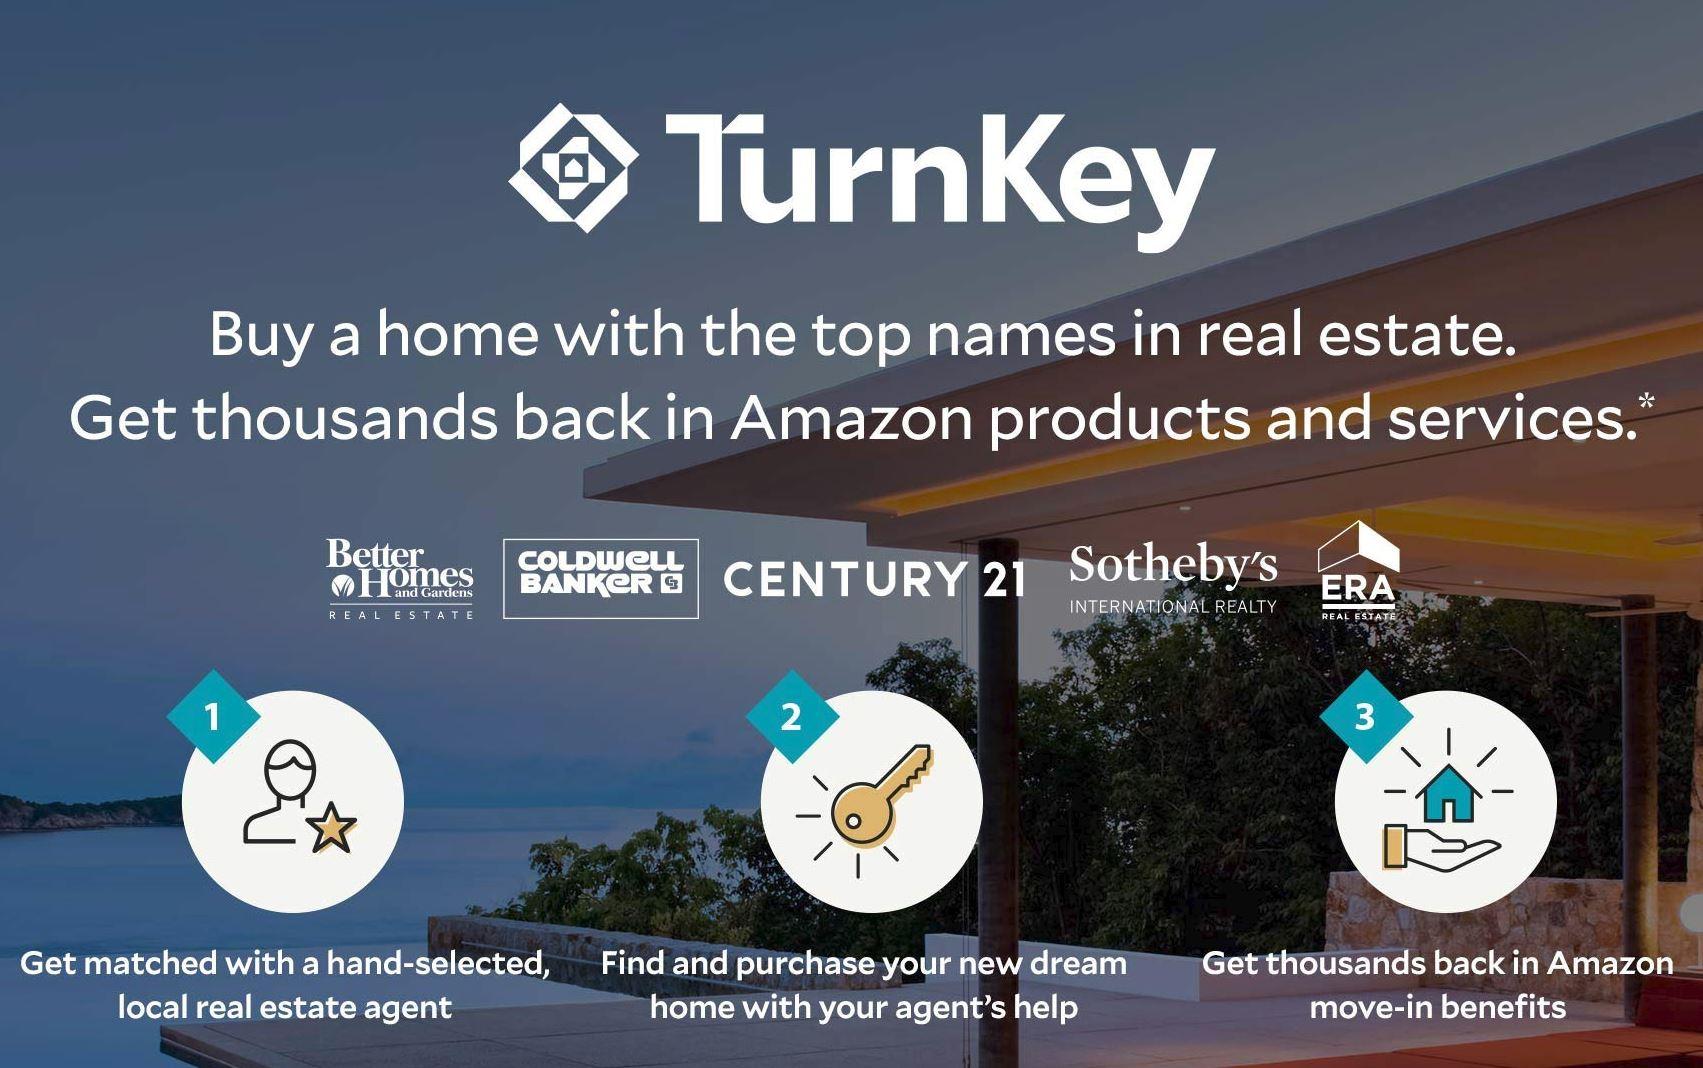 photo : turnkey